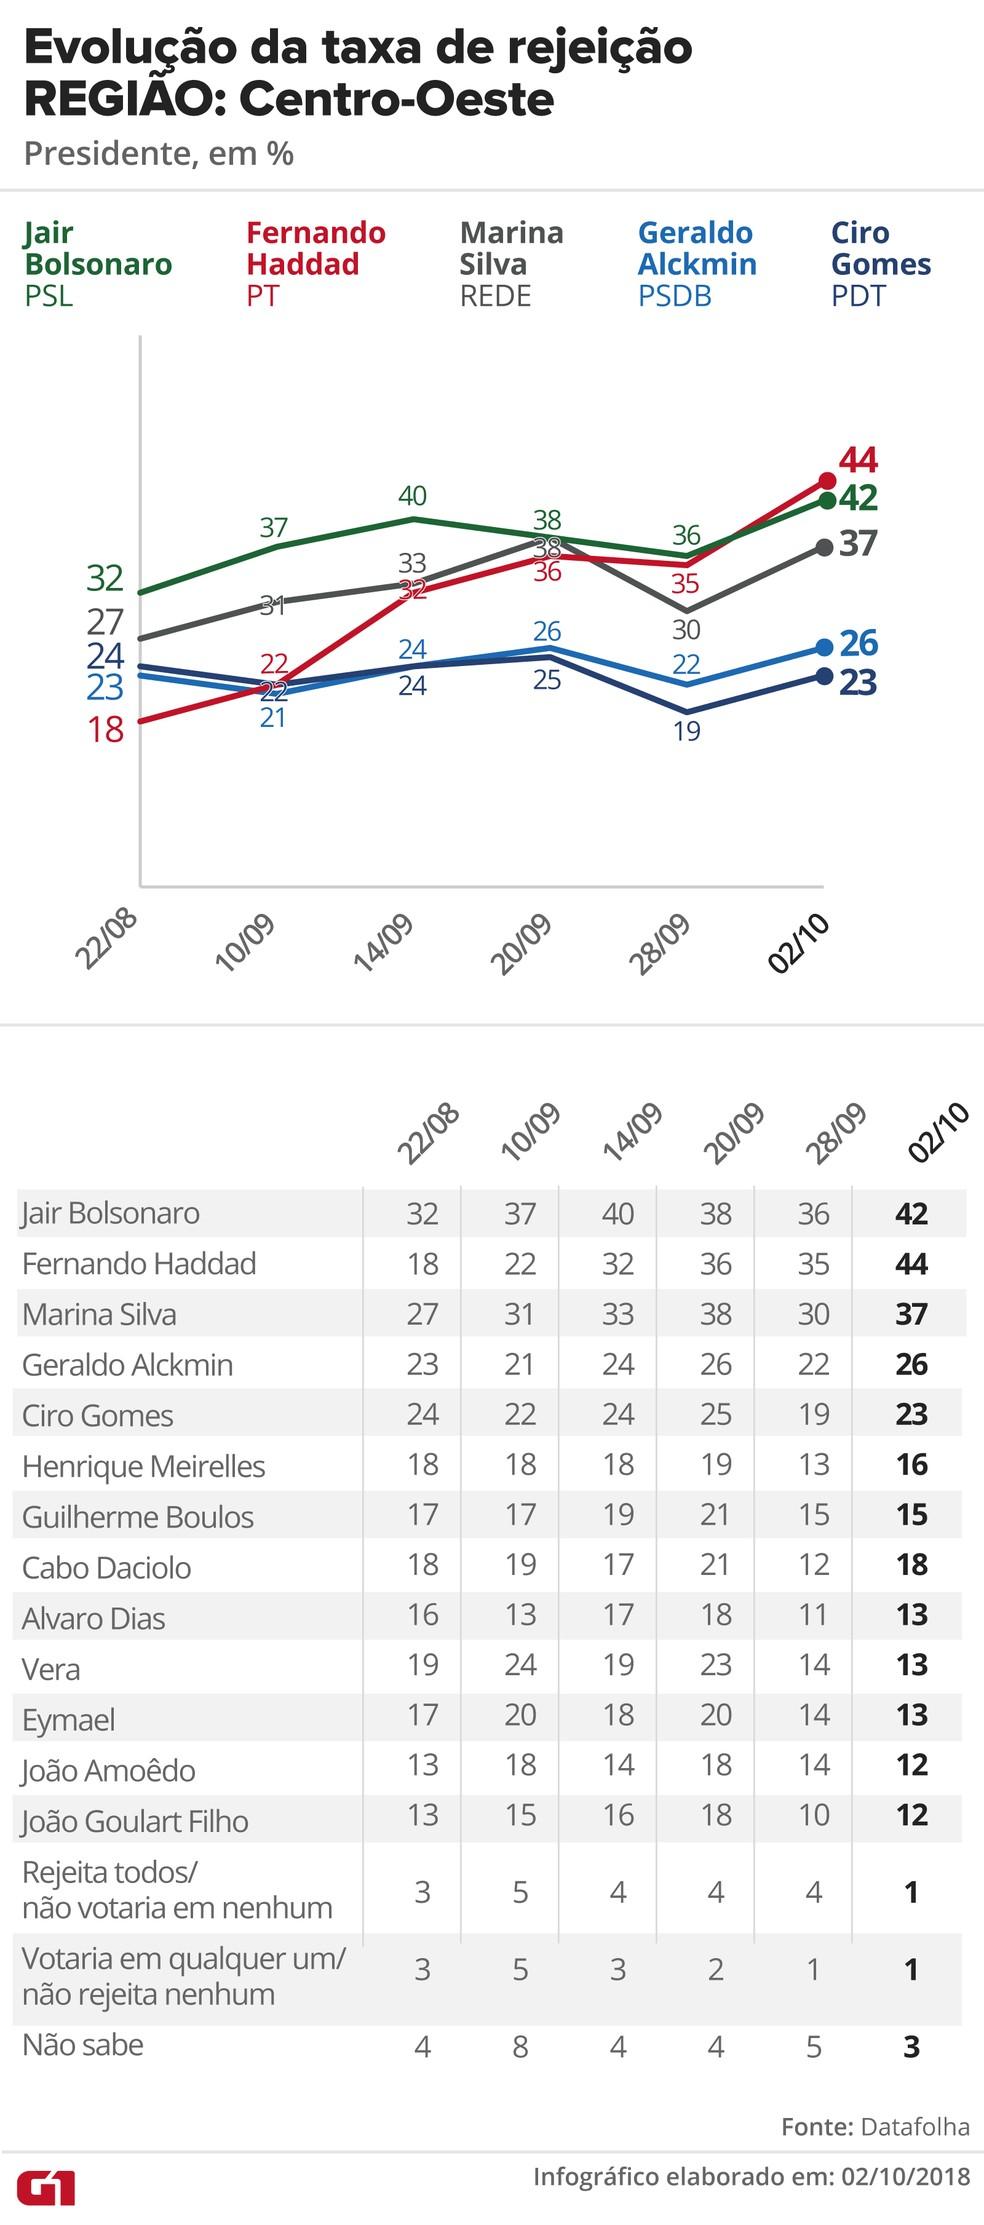 Pesquisa Datafolha, 2/10 para presidente - Rejeição - Região: Centro-Oeste — Foto: G1 Arte